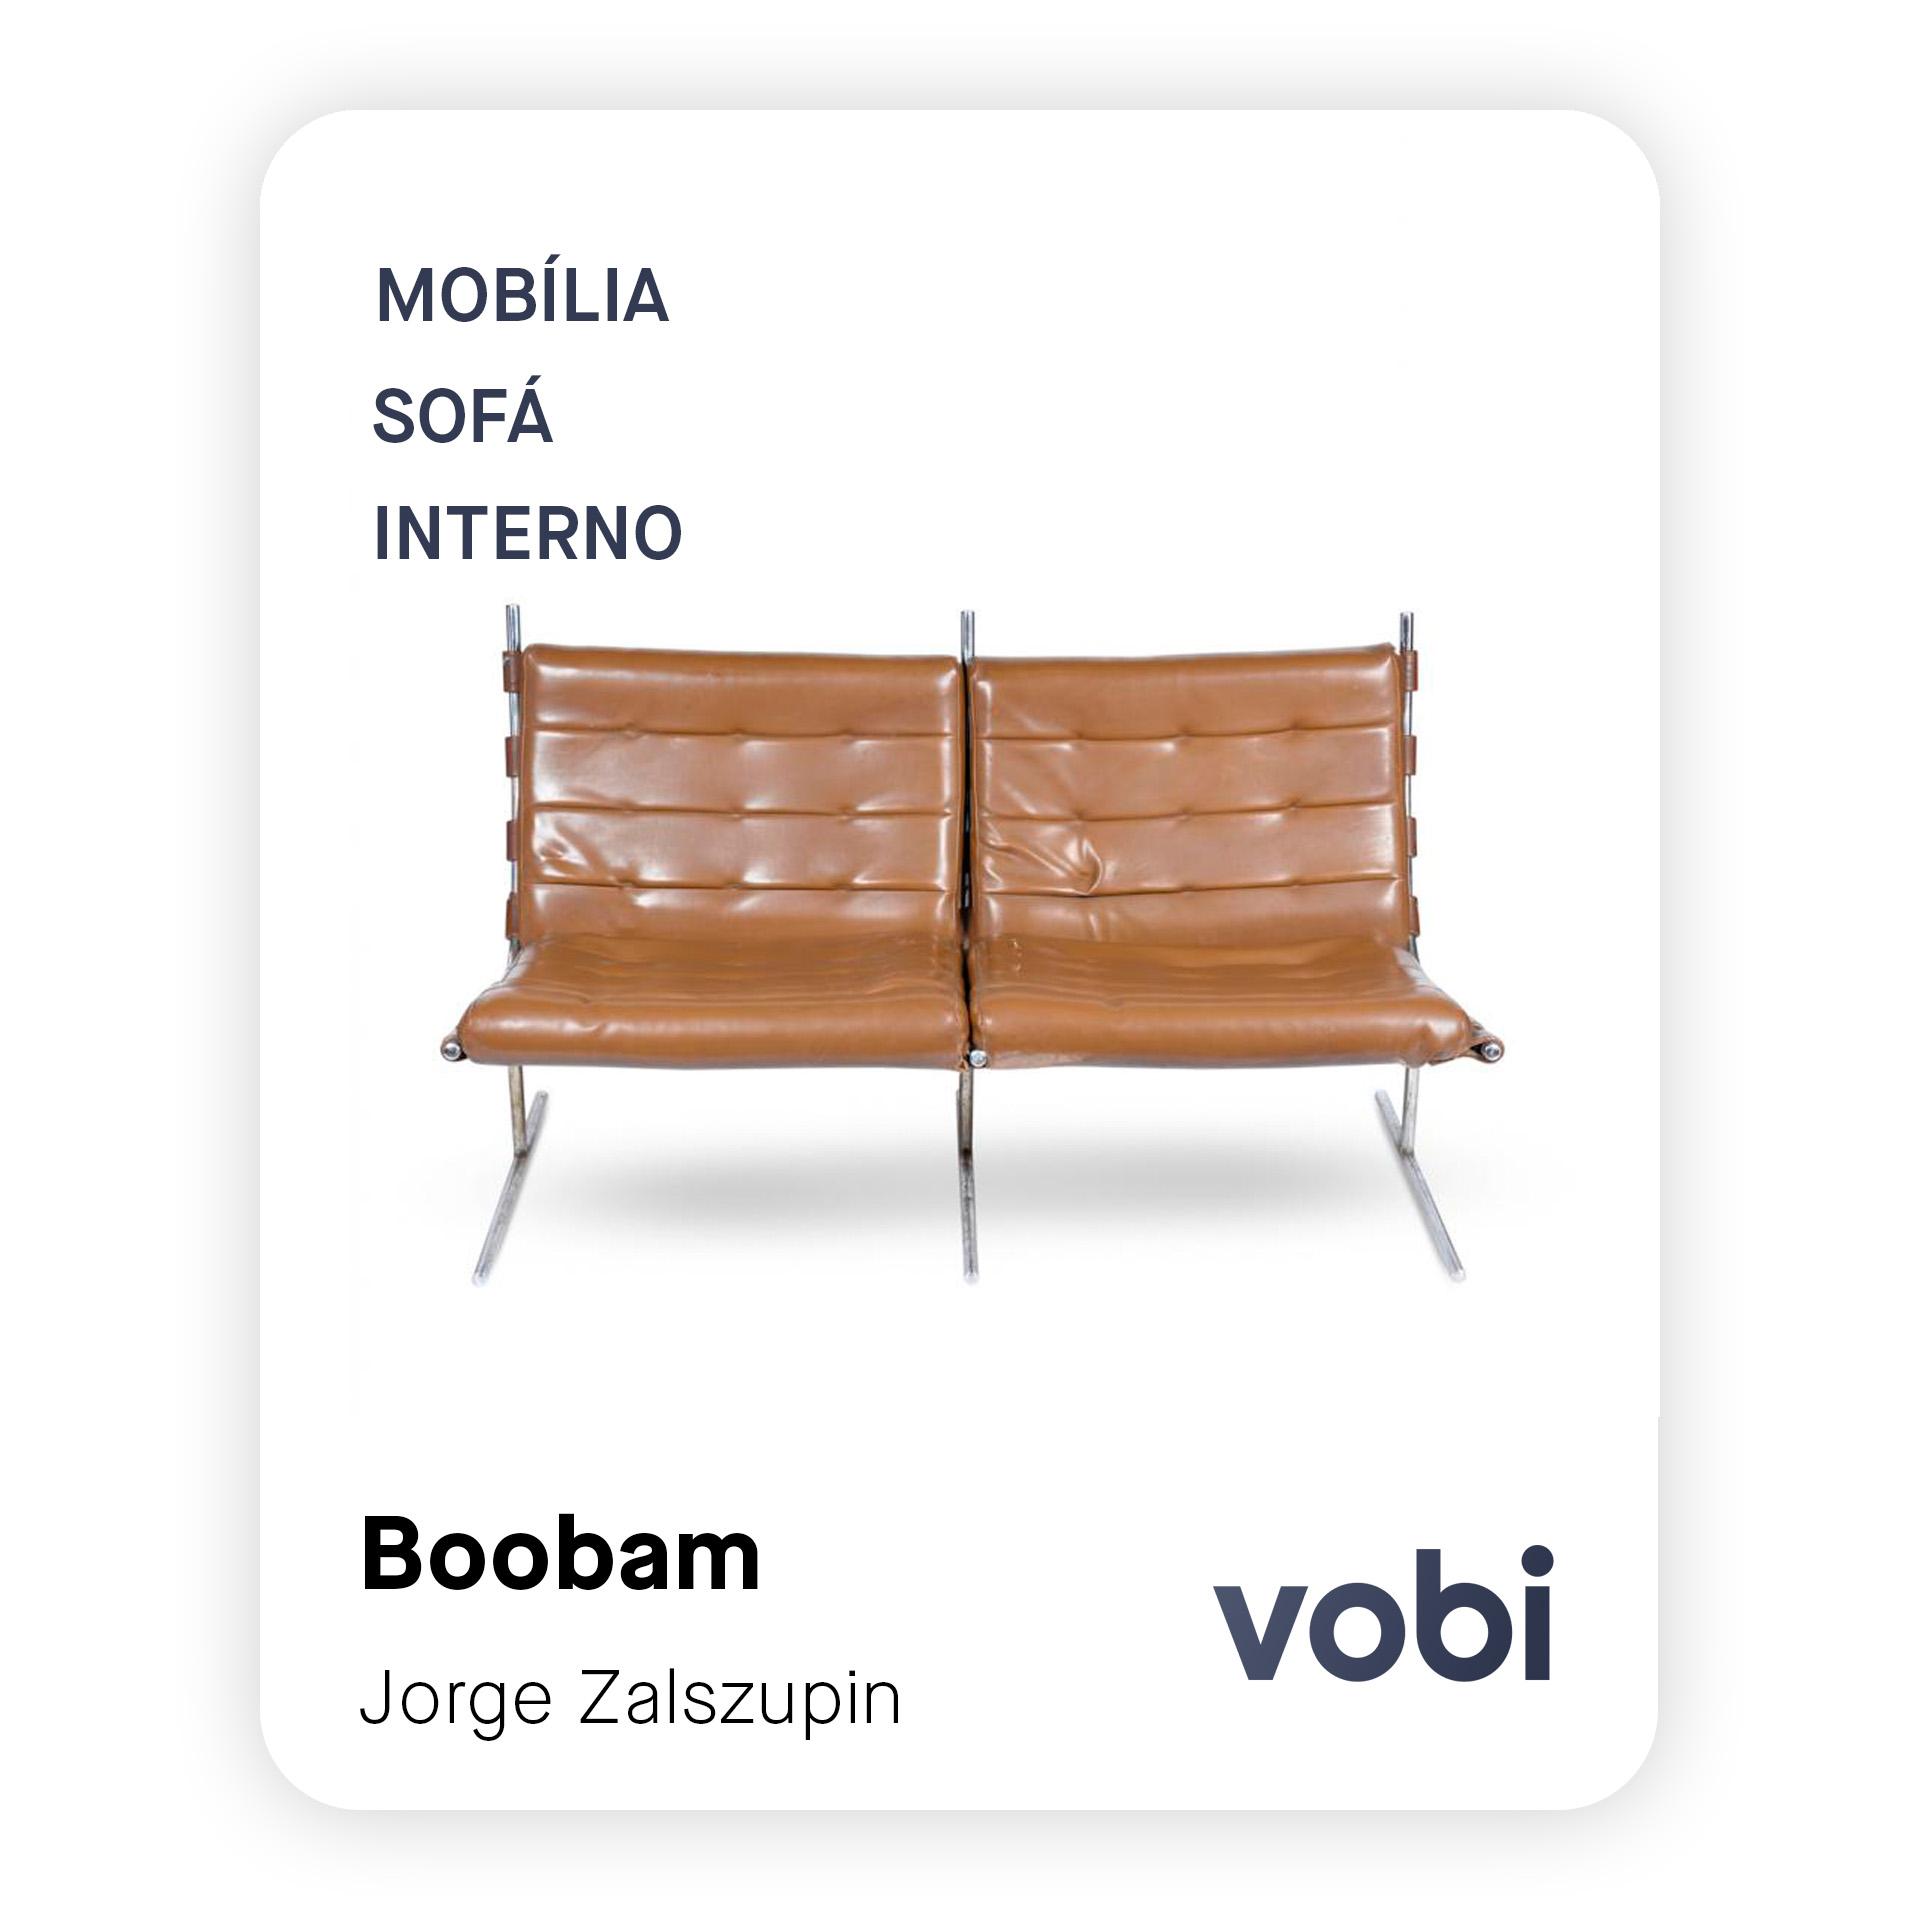 mobília sofá couro caramelo interno